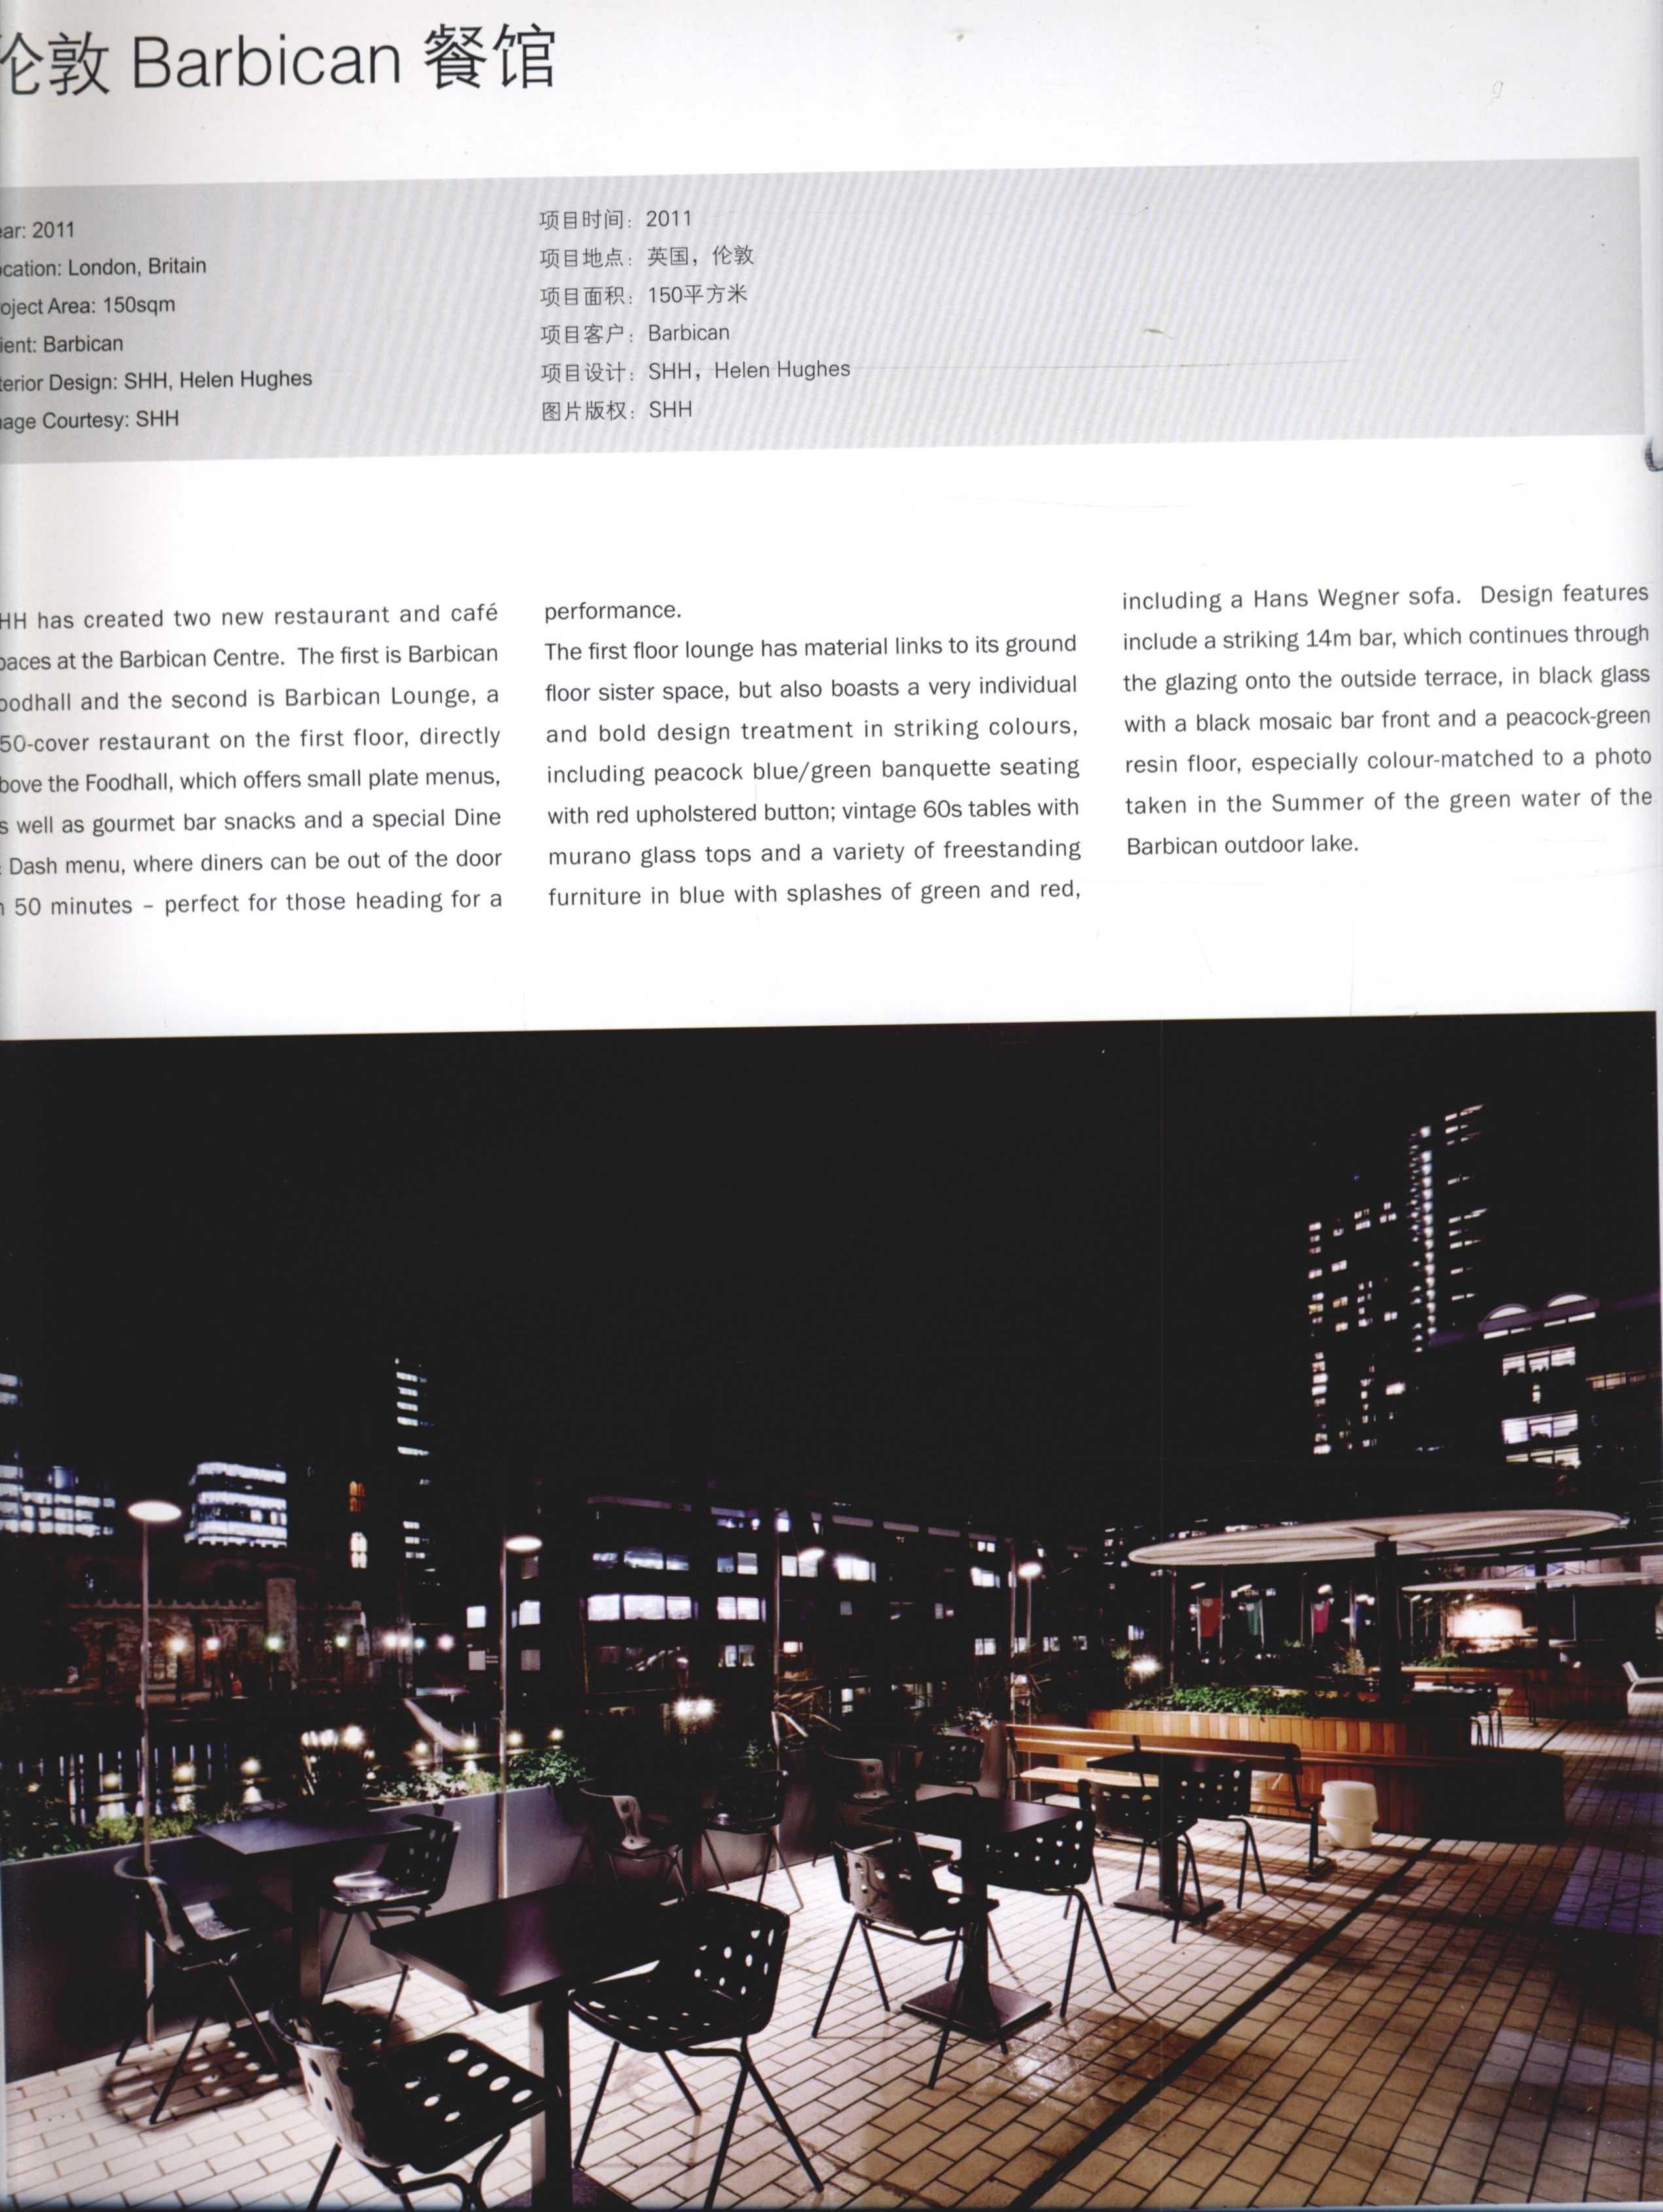 2012全球室内设计年鉴  餐饮_Page_016.jpg